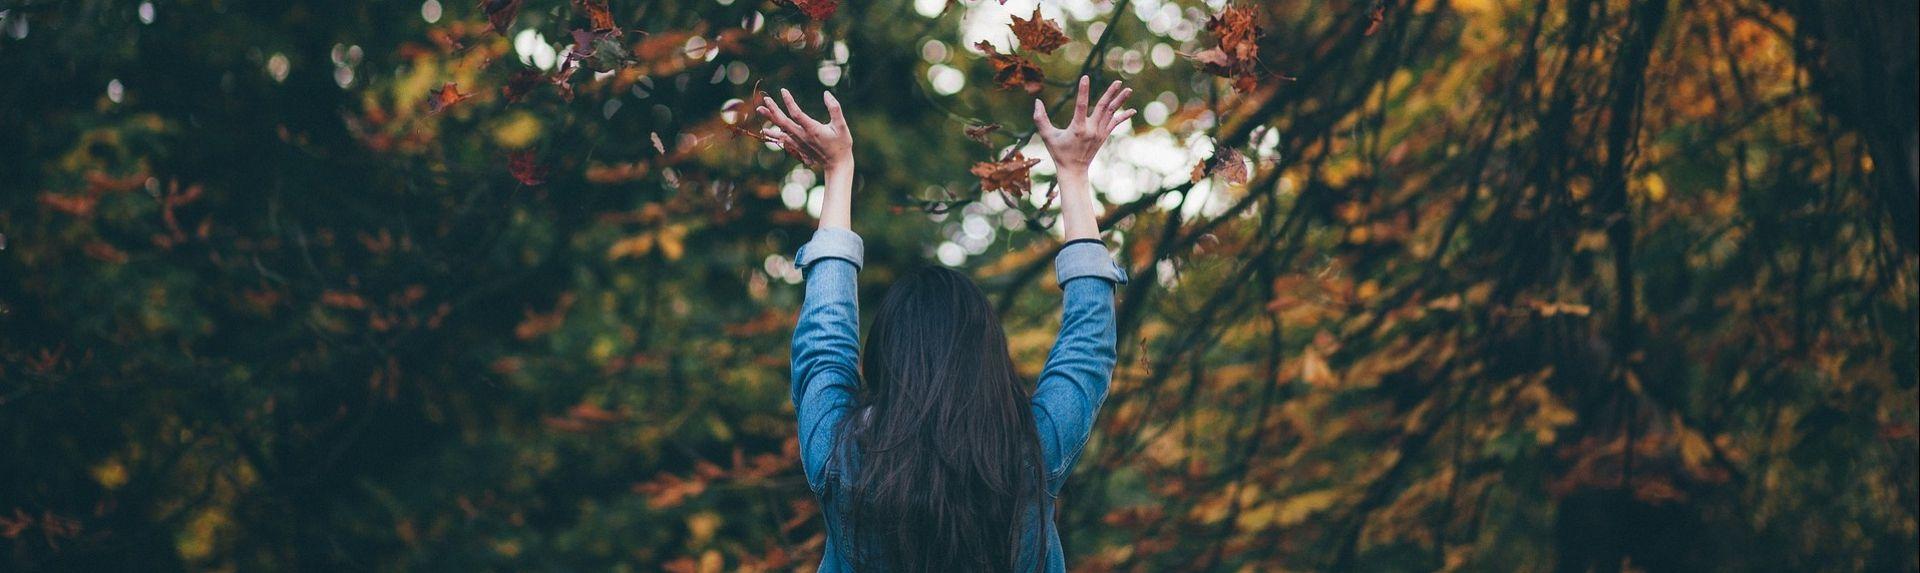 Витамины для женщин на осень: как сохранить здоровье и красоту